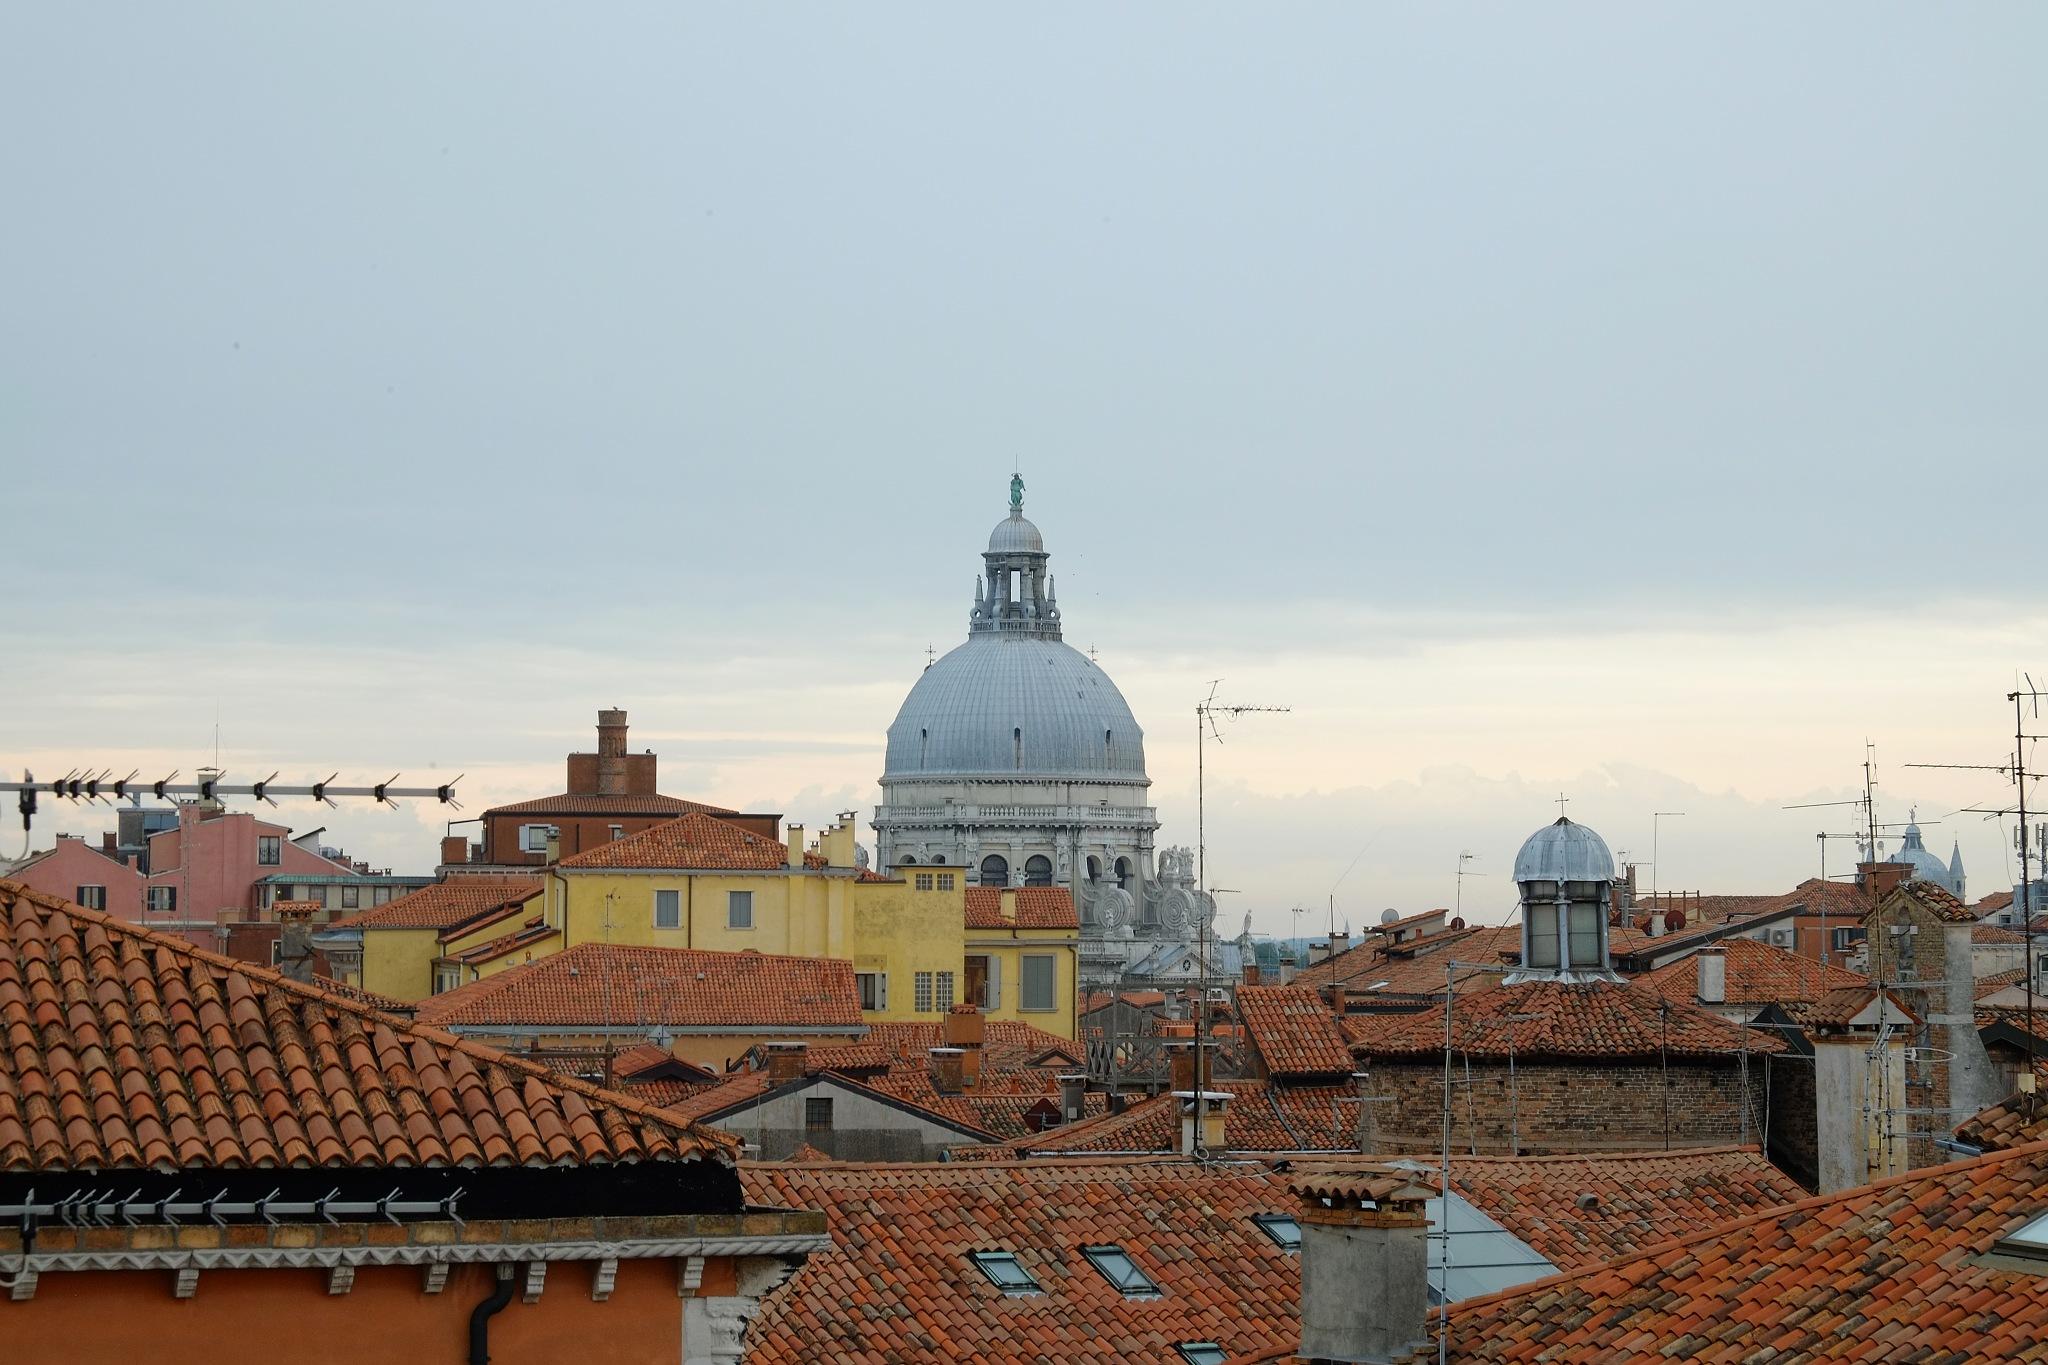 Church of Santa Maria della Salute, Venice by Pete Hussey